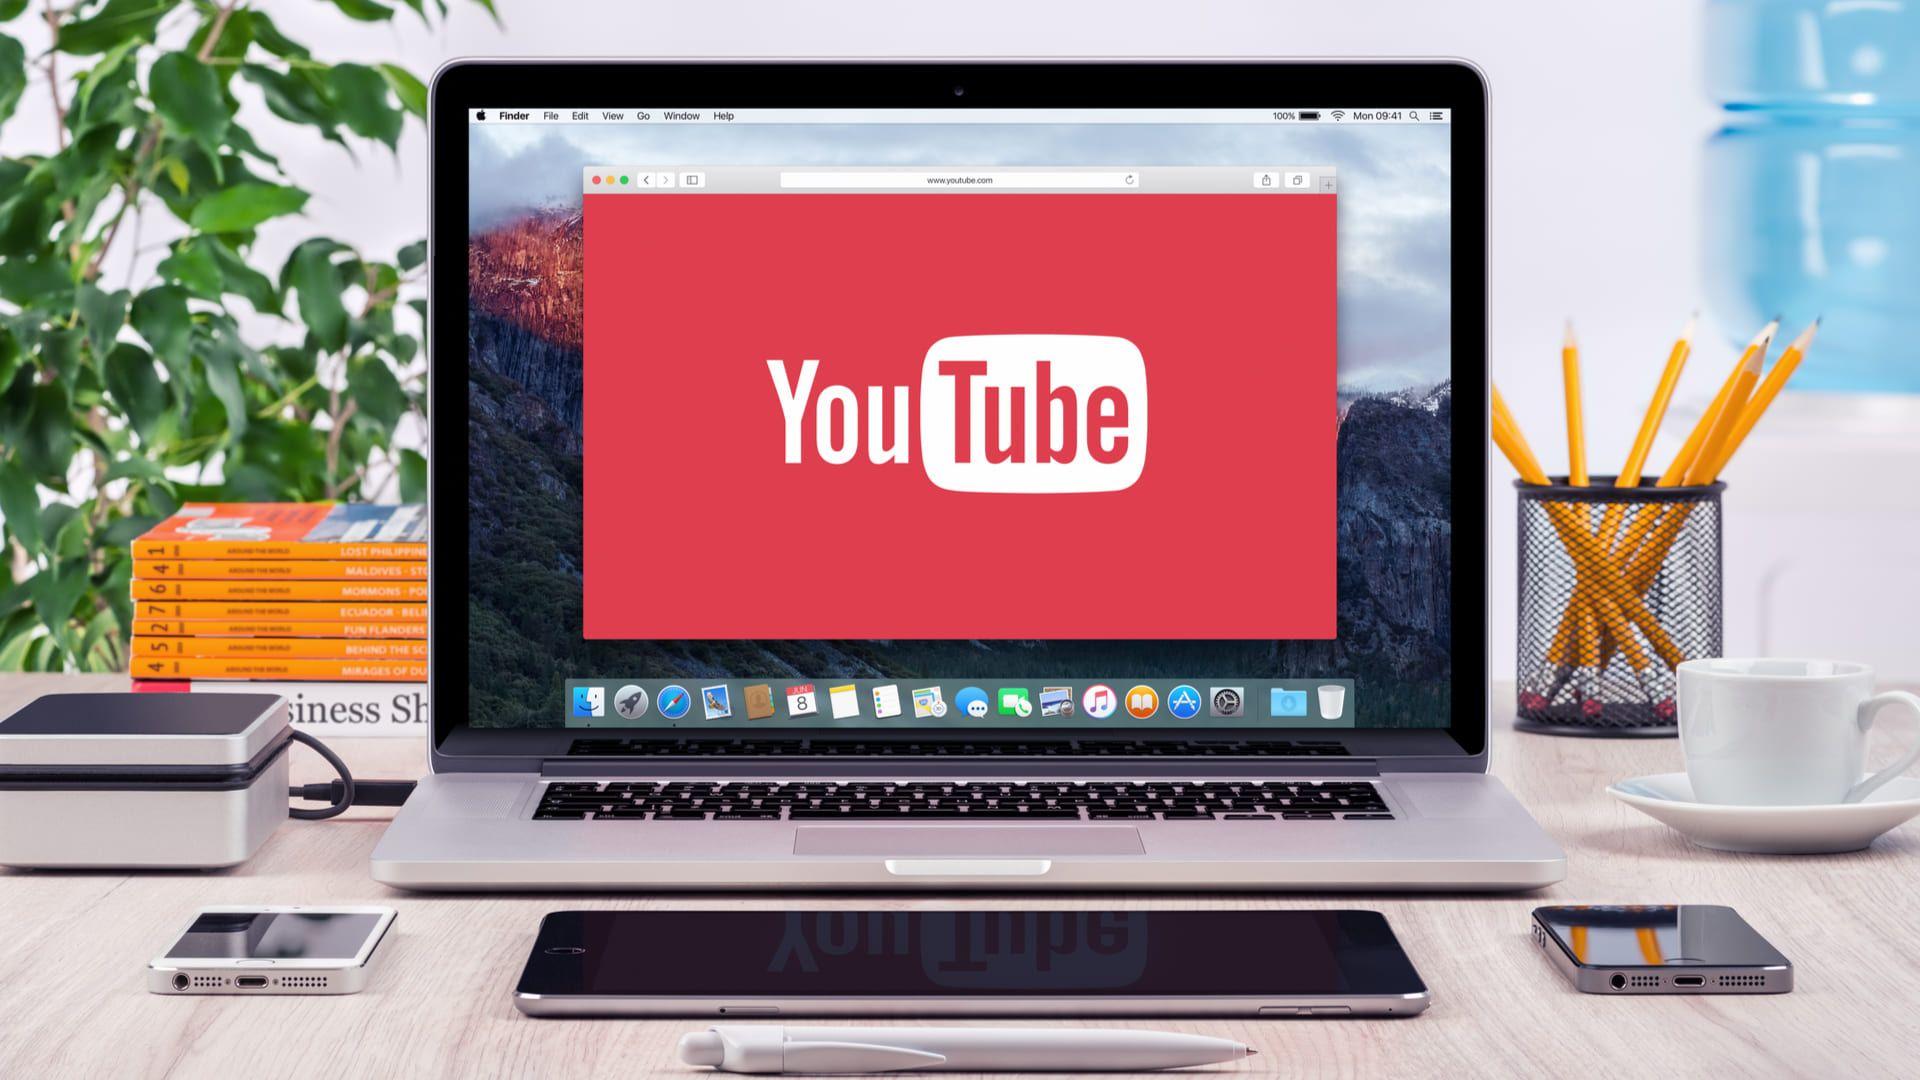 SBT e outras emissoras oferecem conteúdo gratuito no YouTube. (Foto: Shutterstock)